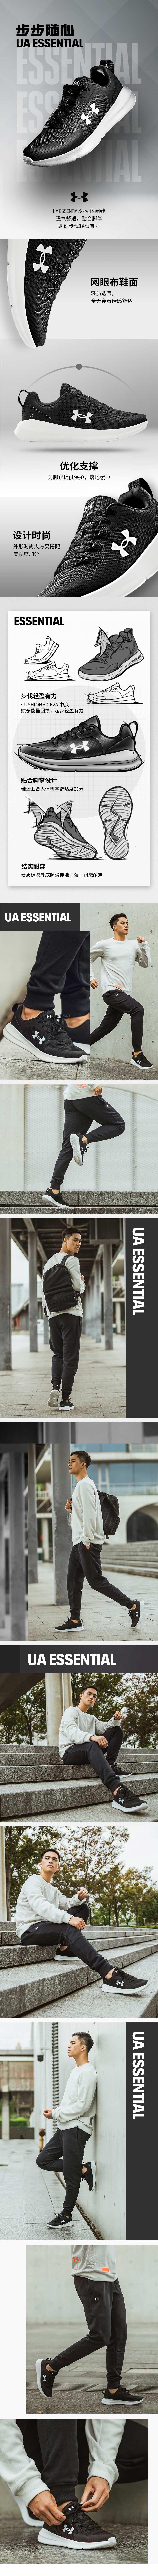 安德玛官方UA Essential男子运动休闲鞋Under Armour3022954 灰色100 42